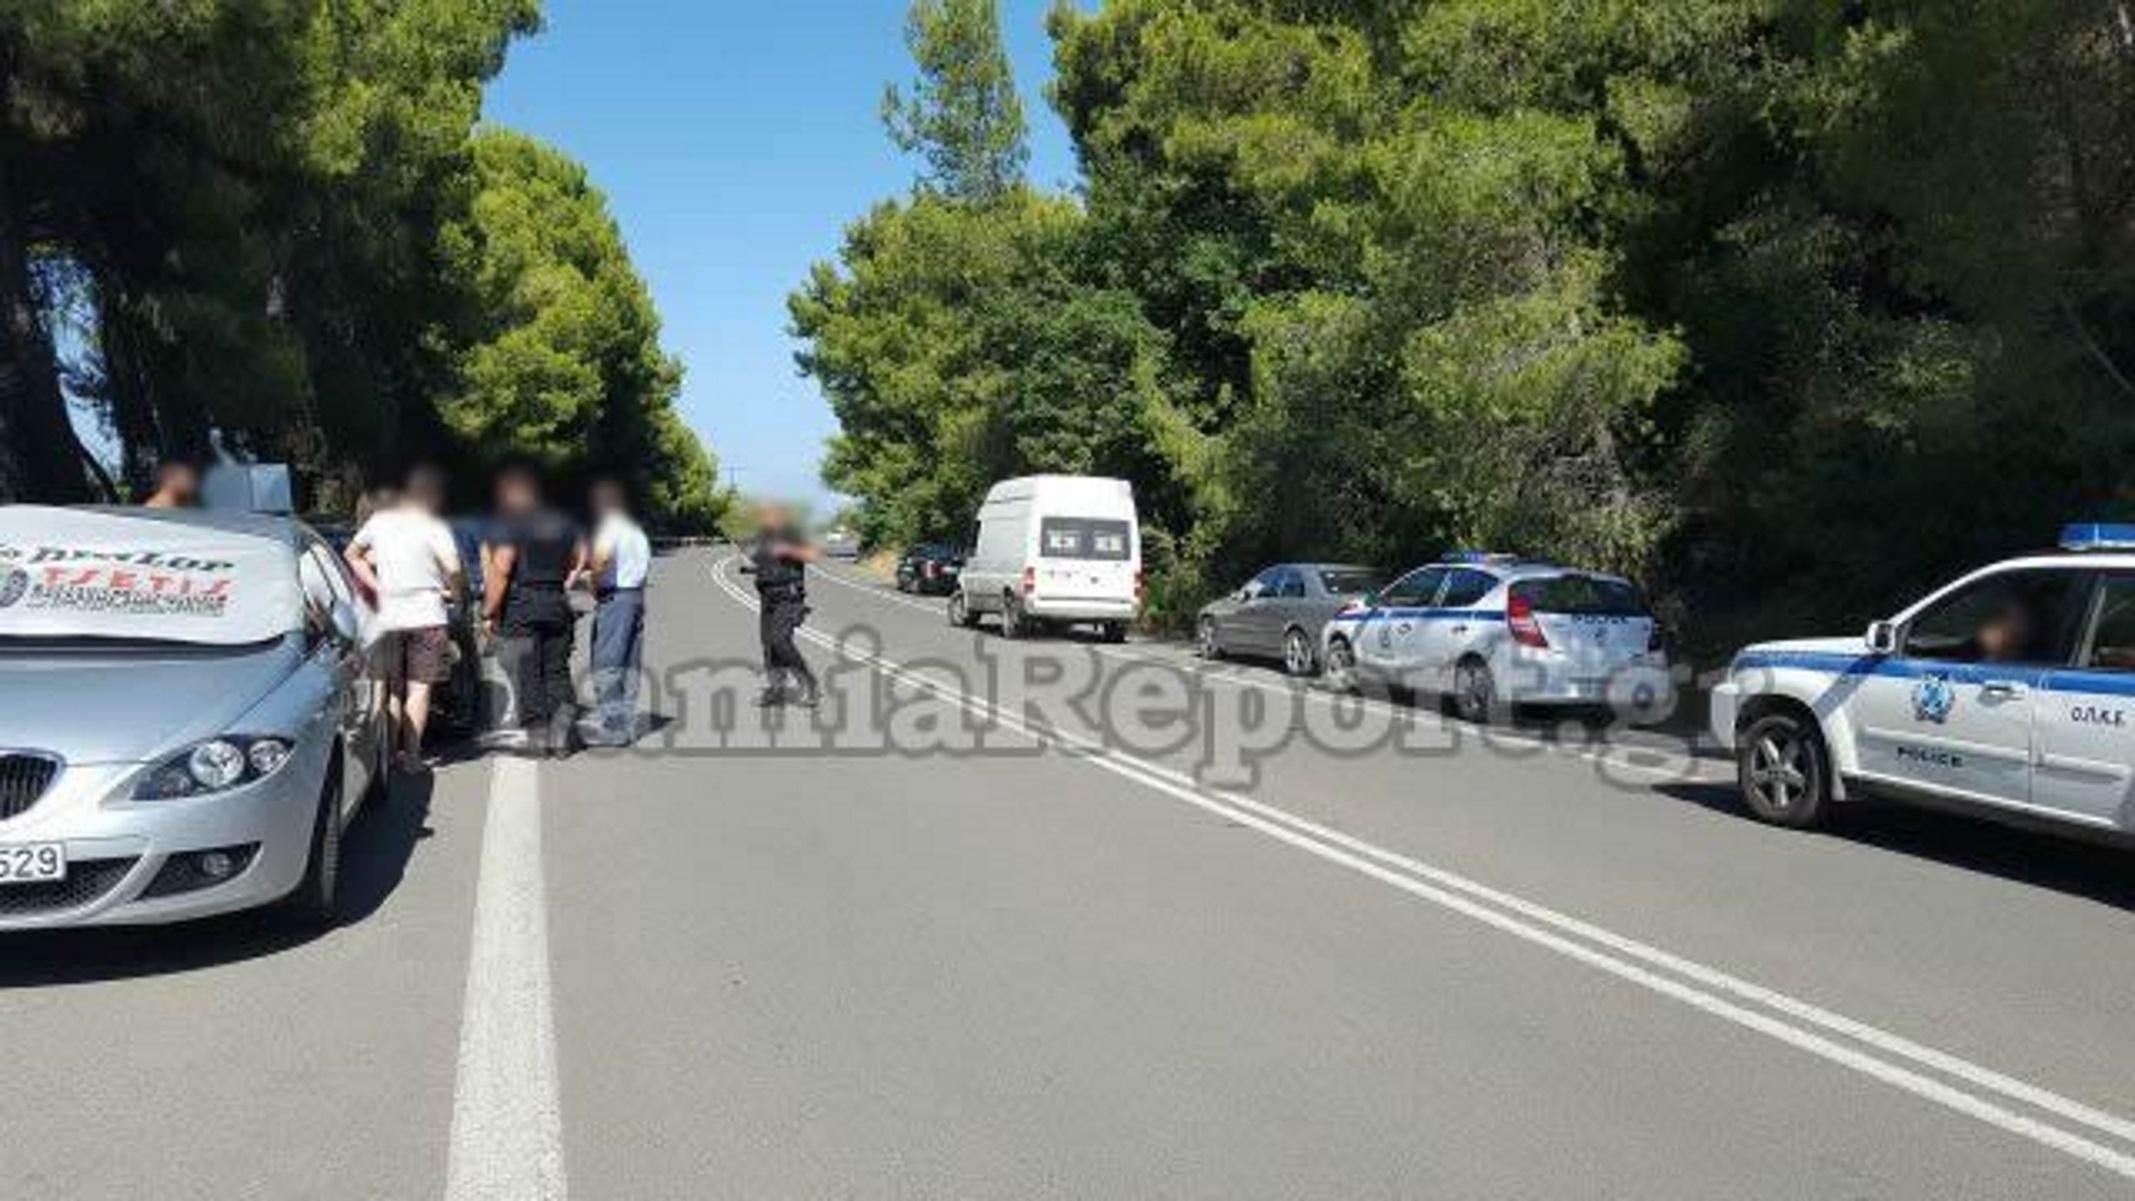 Φθιώτιδα: Γύρισαν από το μπάνιο και βρήκαν τα αυτοκίνητά τους σπασμένα